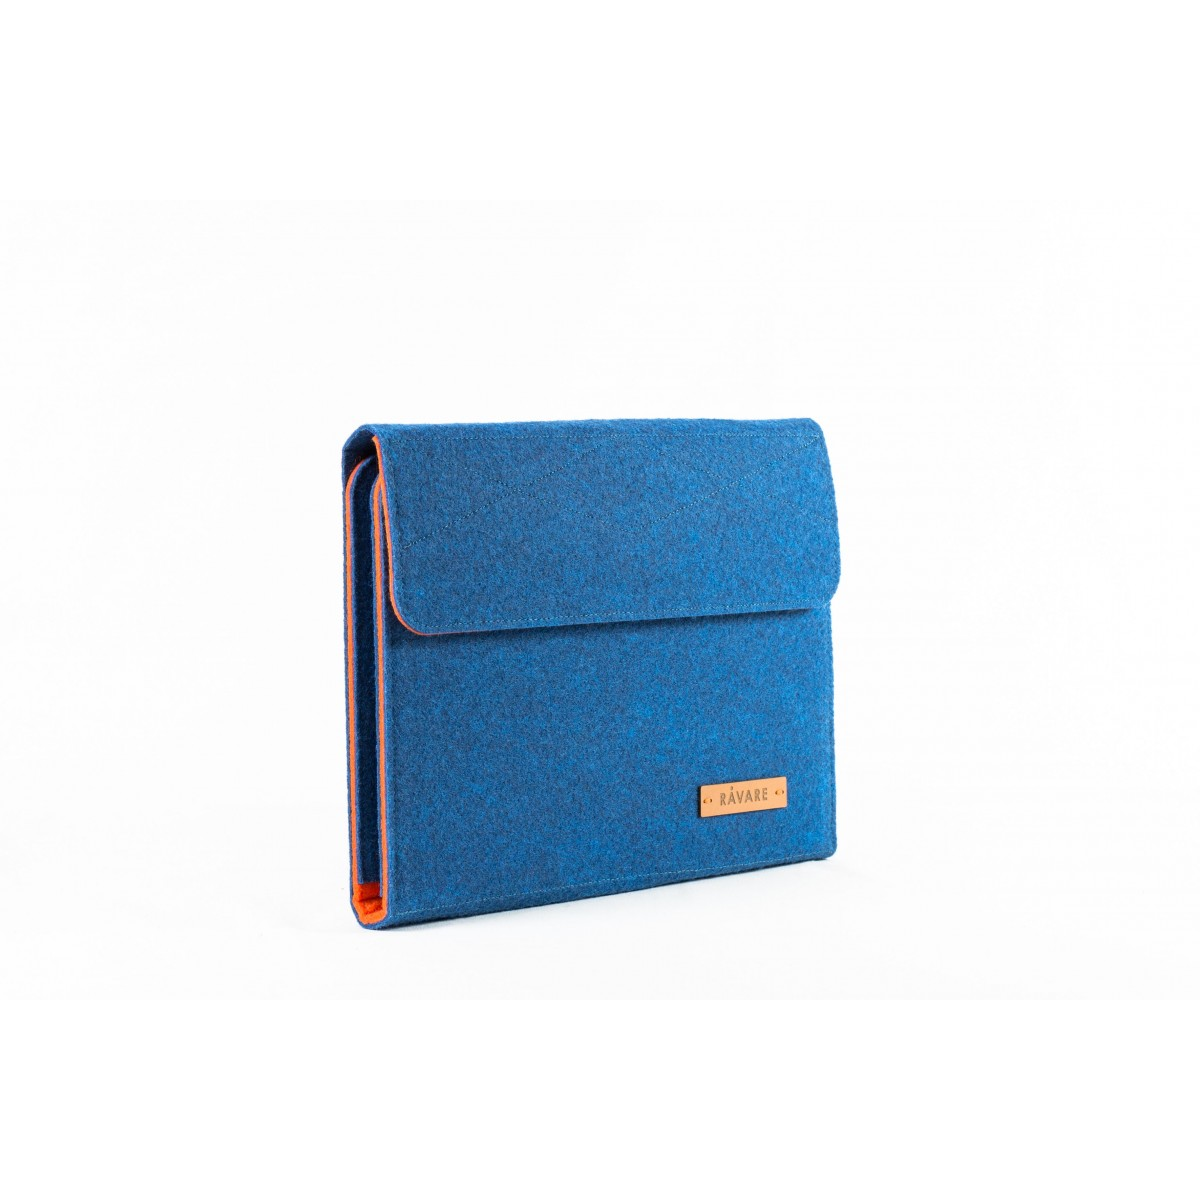 RÅVARE Tablet Organizer für kleine und mittlere Tablets ≤10.1″ mit vielen Stecklaschen, iPad, Samsung in blau-orange [KOCO M]